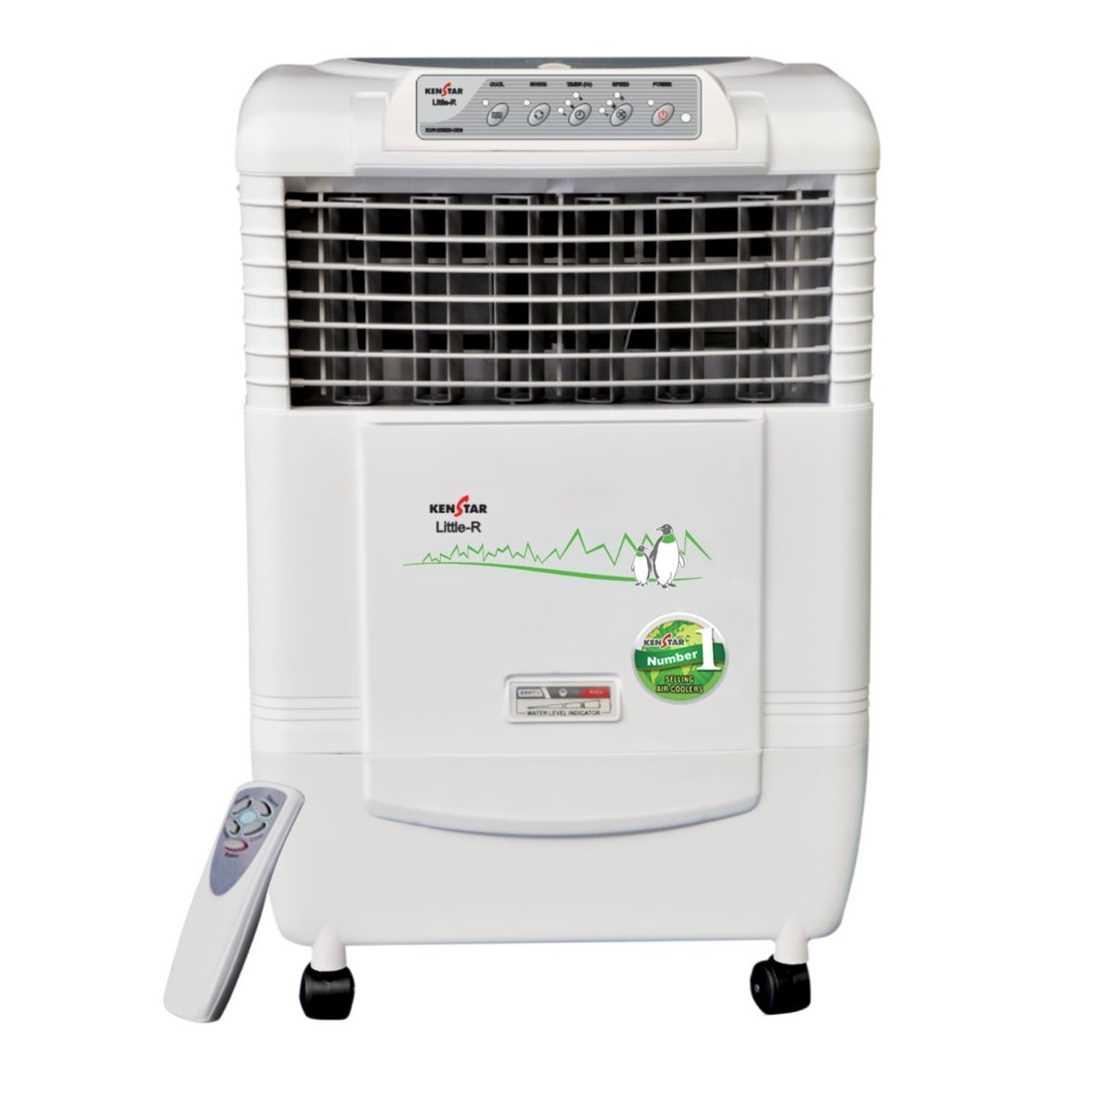 Kenstar Little R 12 Litre Desert Air Cooler